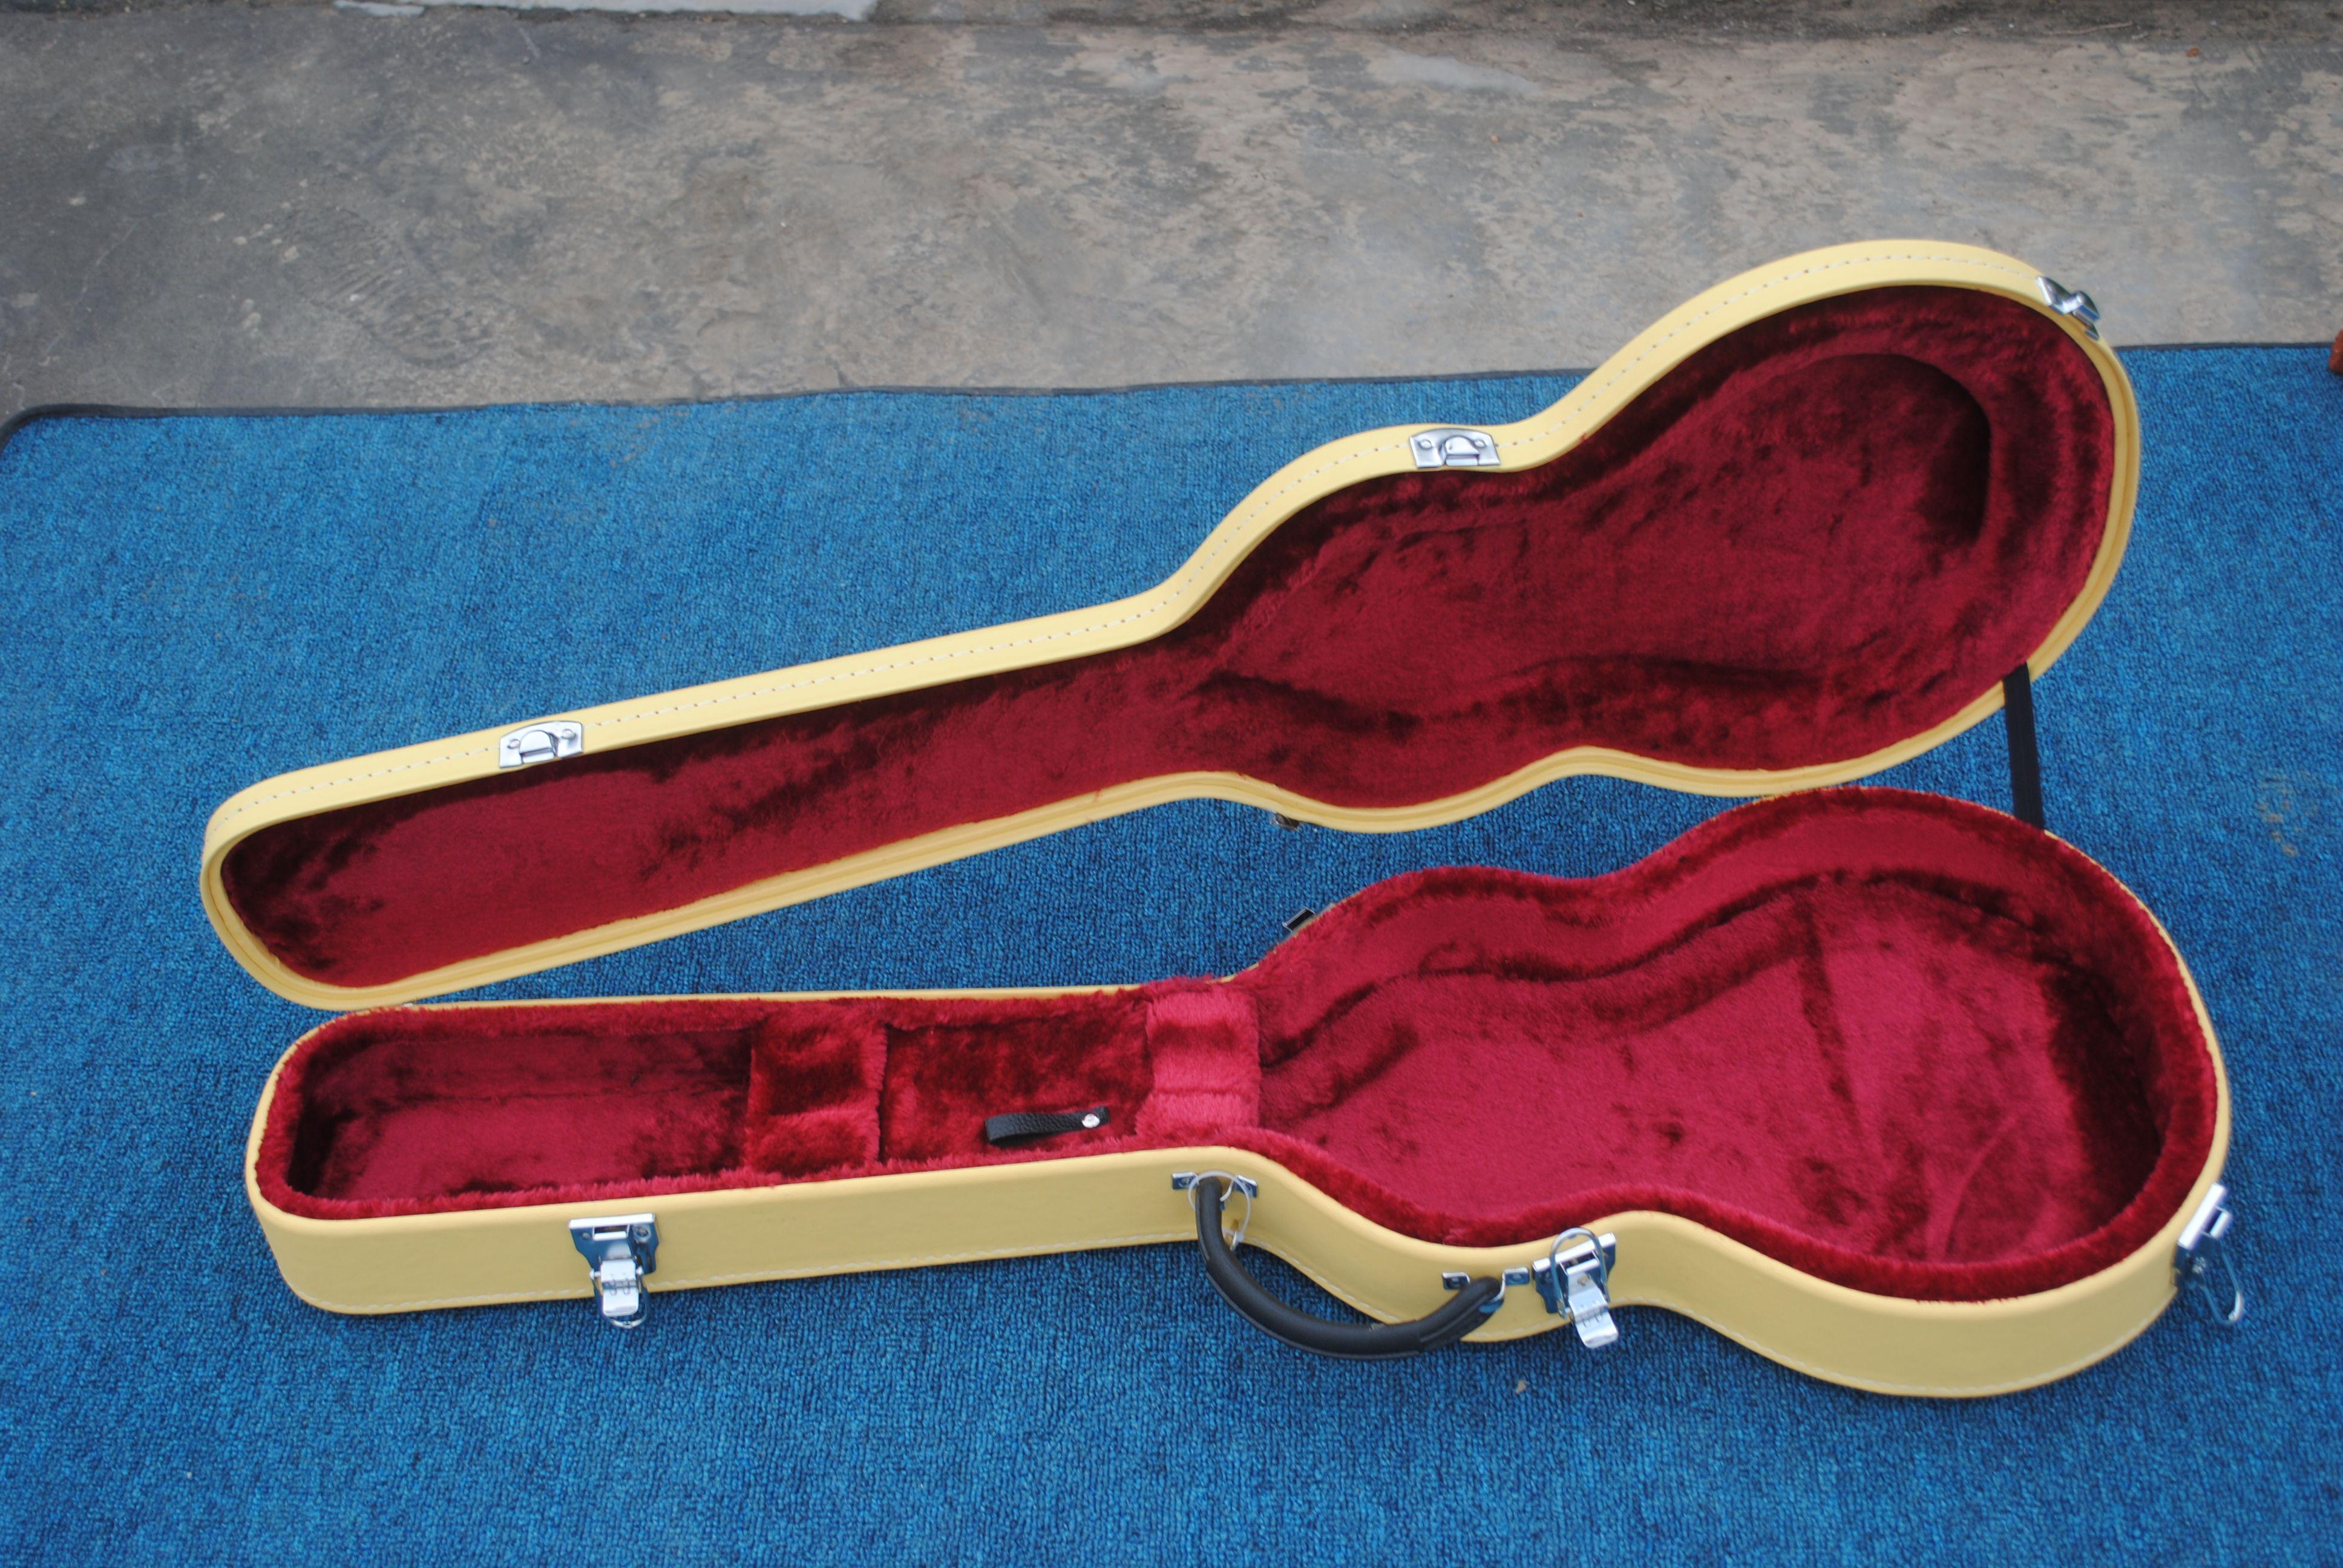 جميع أنواع الحالات الغيتار، لتخصيص كميات كبيرة من العرف، وسرعة التسليم